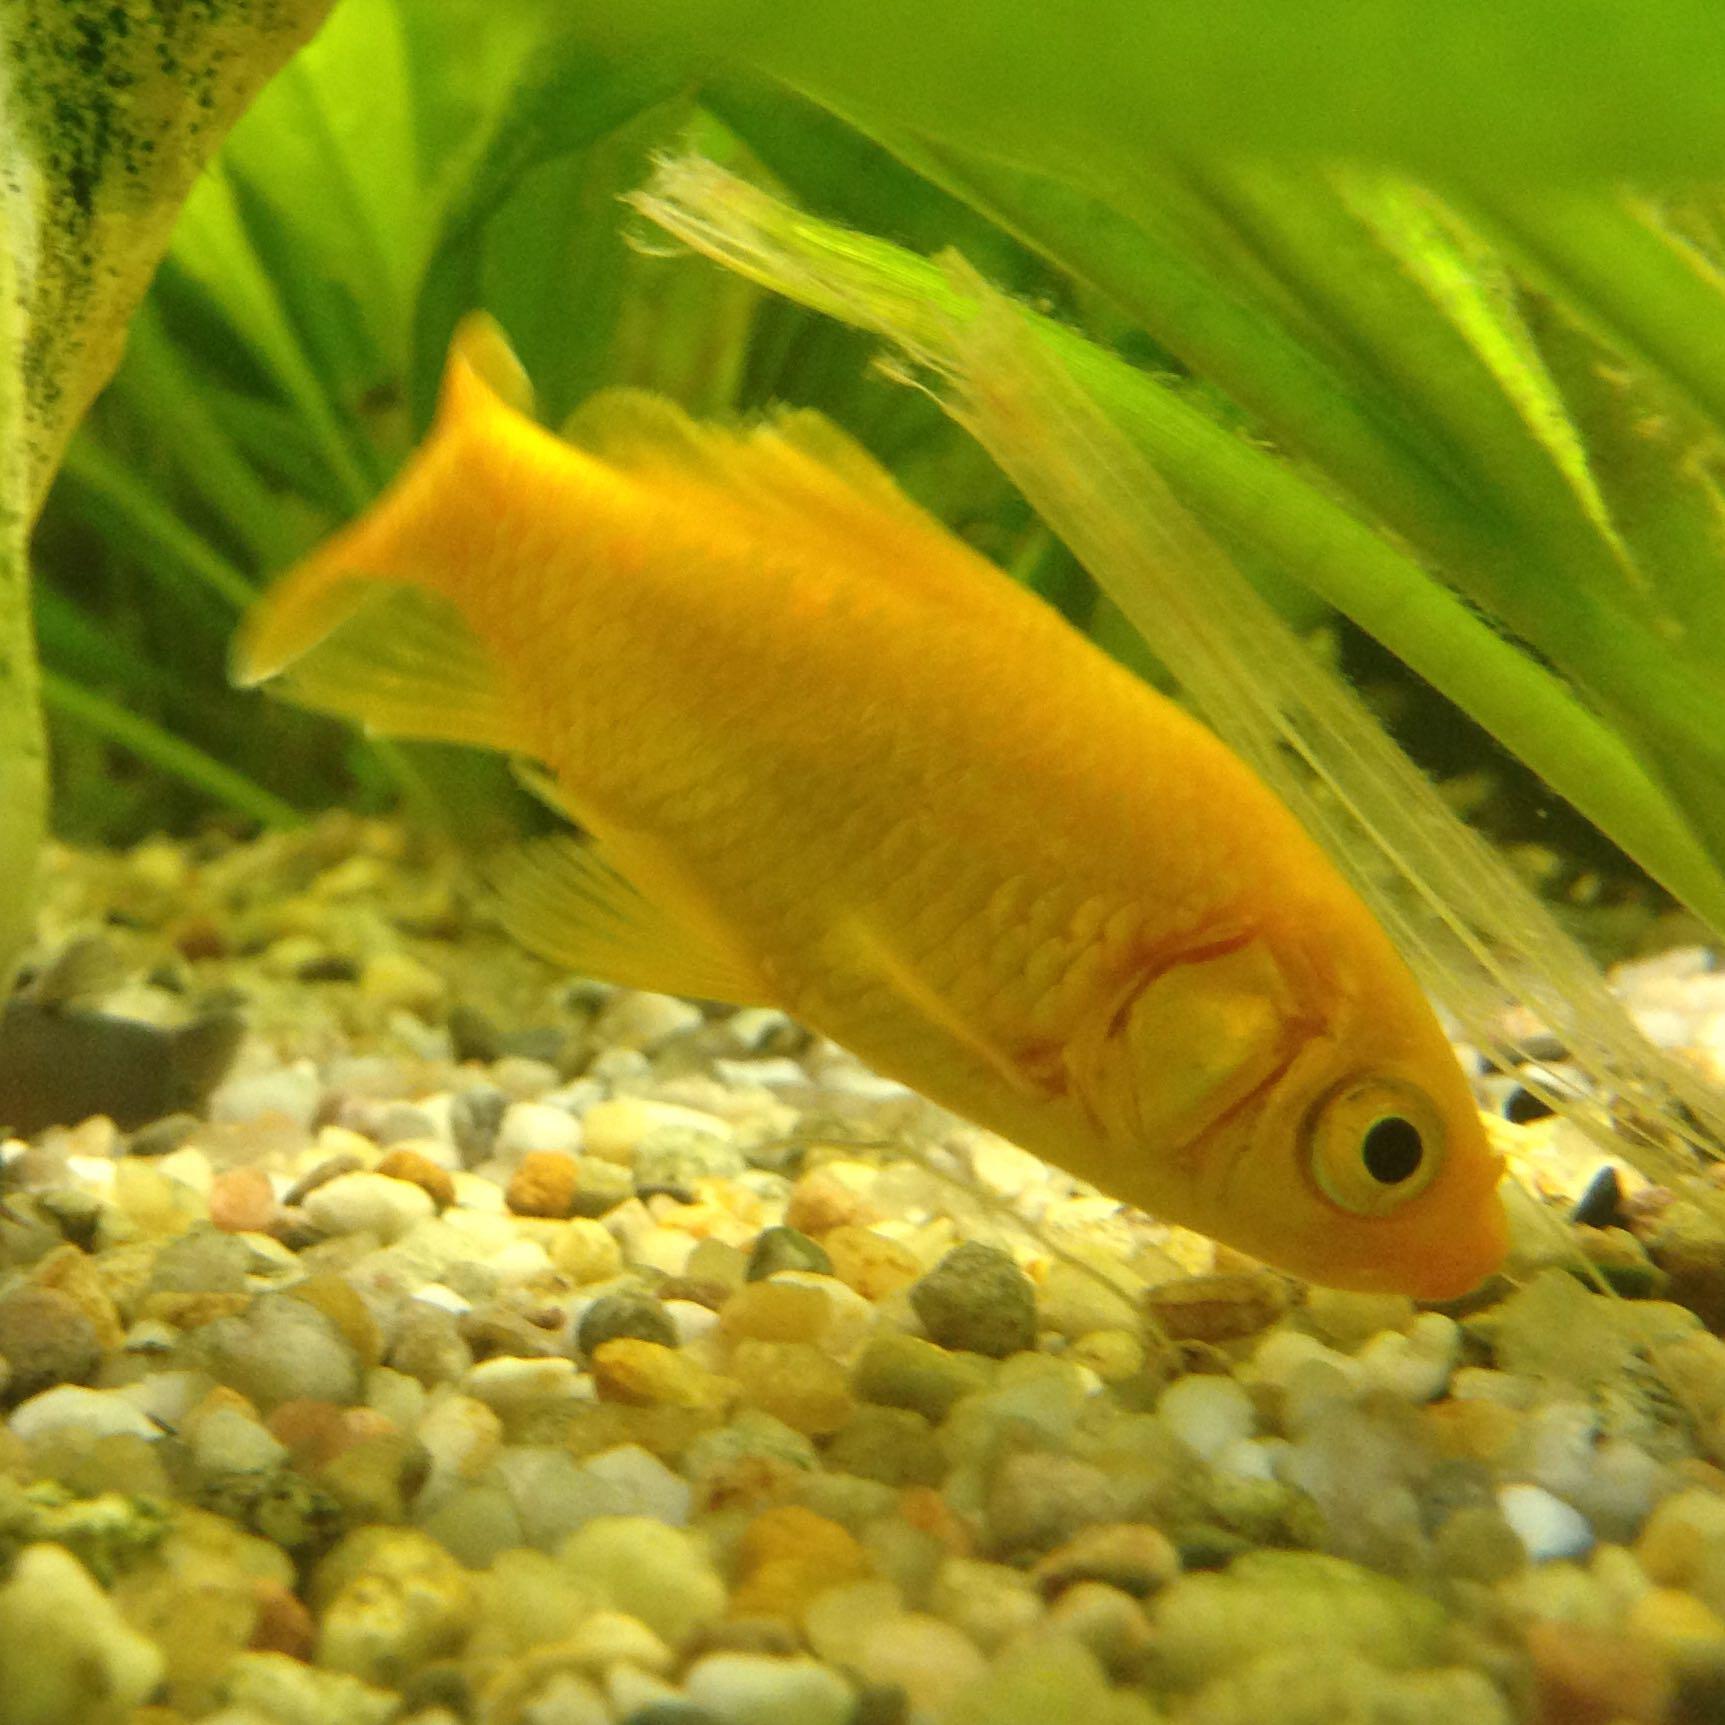 Goldfische in einem warmen aquarium fische warmwasser for Aquarium goldfische